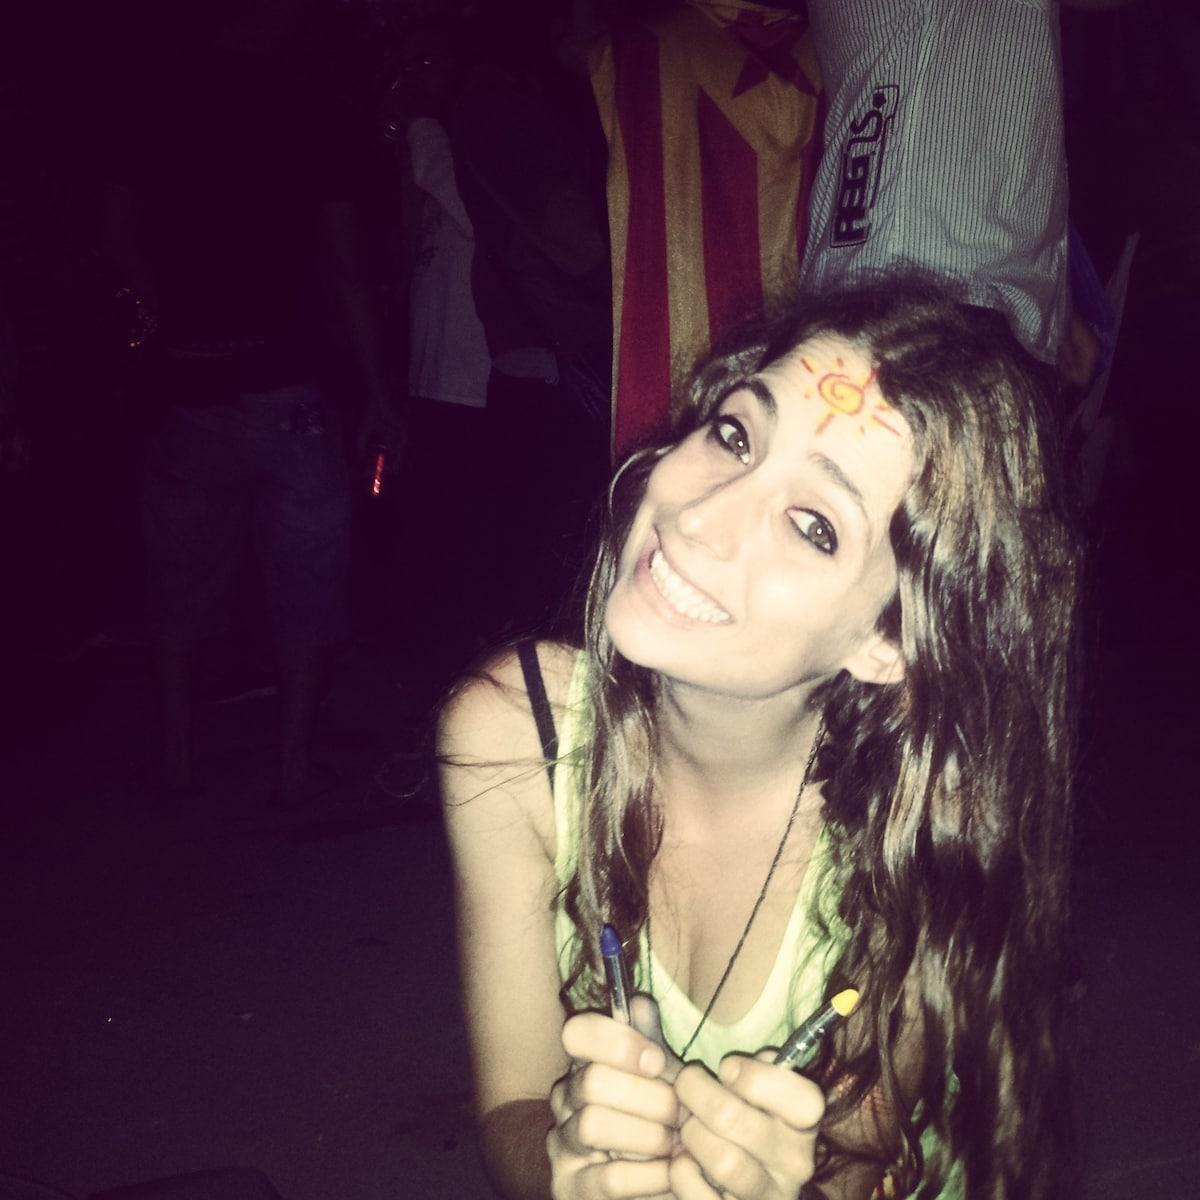 Hola!! Me llamo Gisela tengo 32 años y soy Catalan